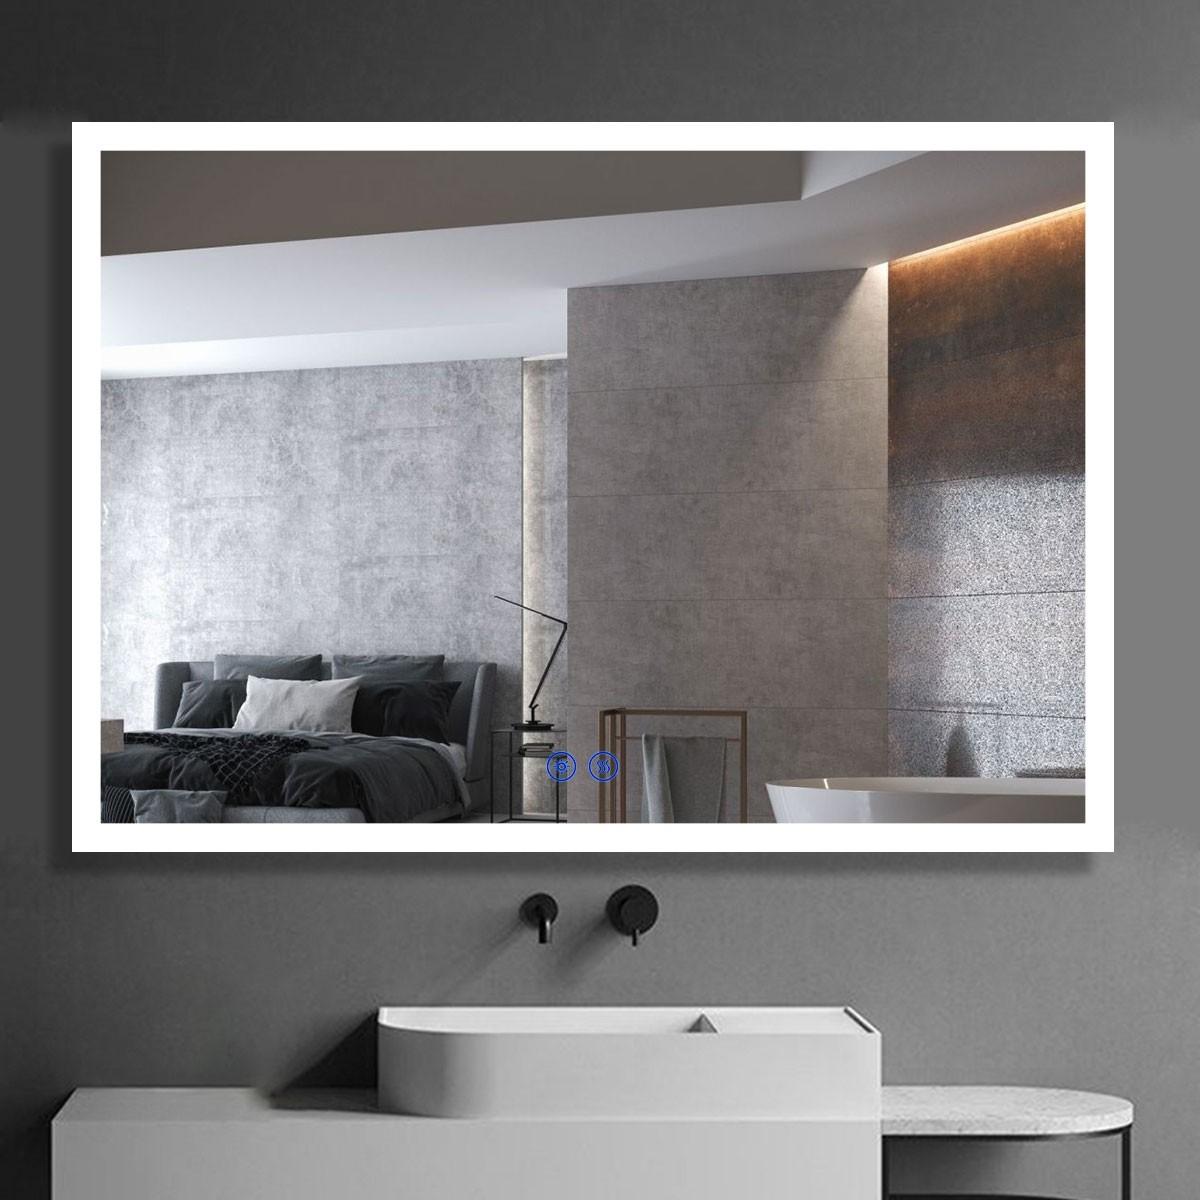 DECORAPORT 40 x 28  Po Miroir de Salle de Bain LED/Miroir Chambre avec Bouton Tactile, Anti-Buée, Luminosité Réglable, Montage Vertical & Horizontal (D110-4028)